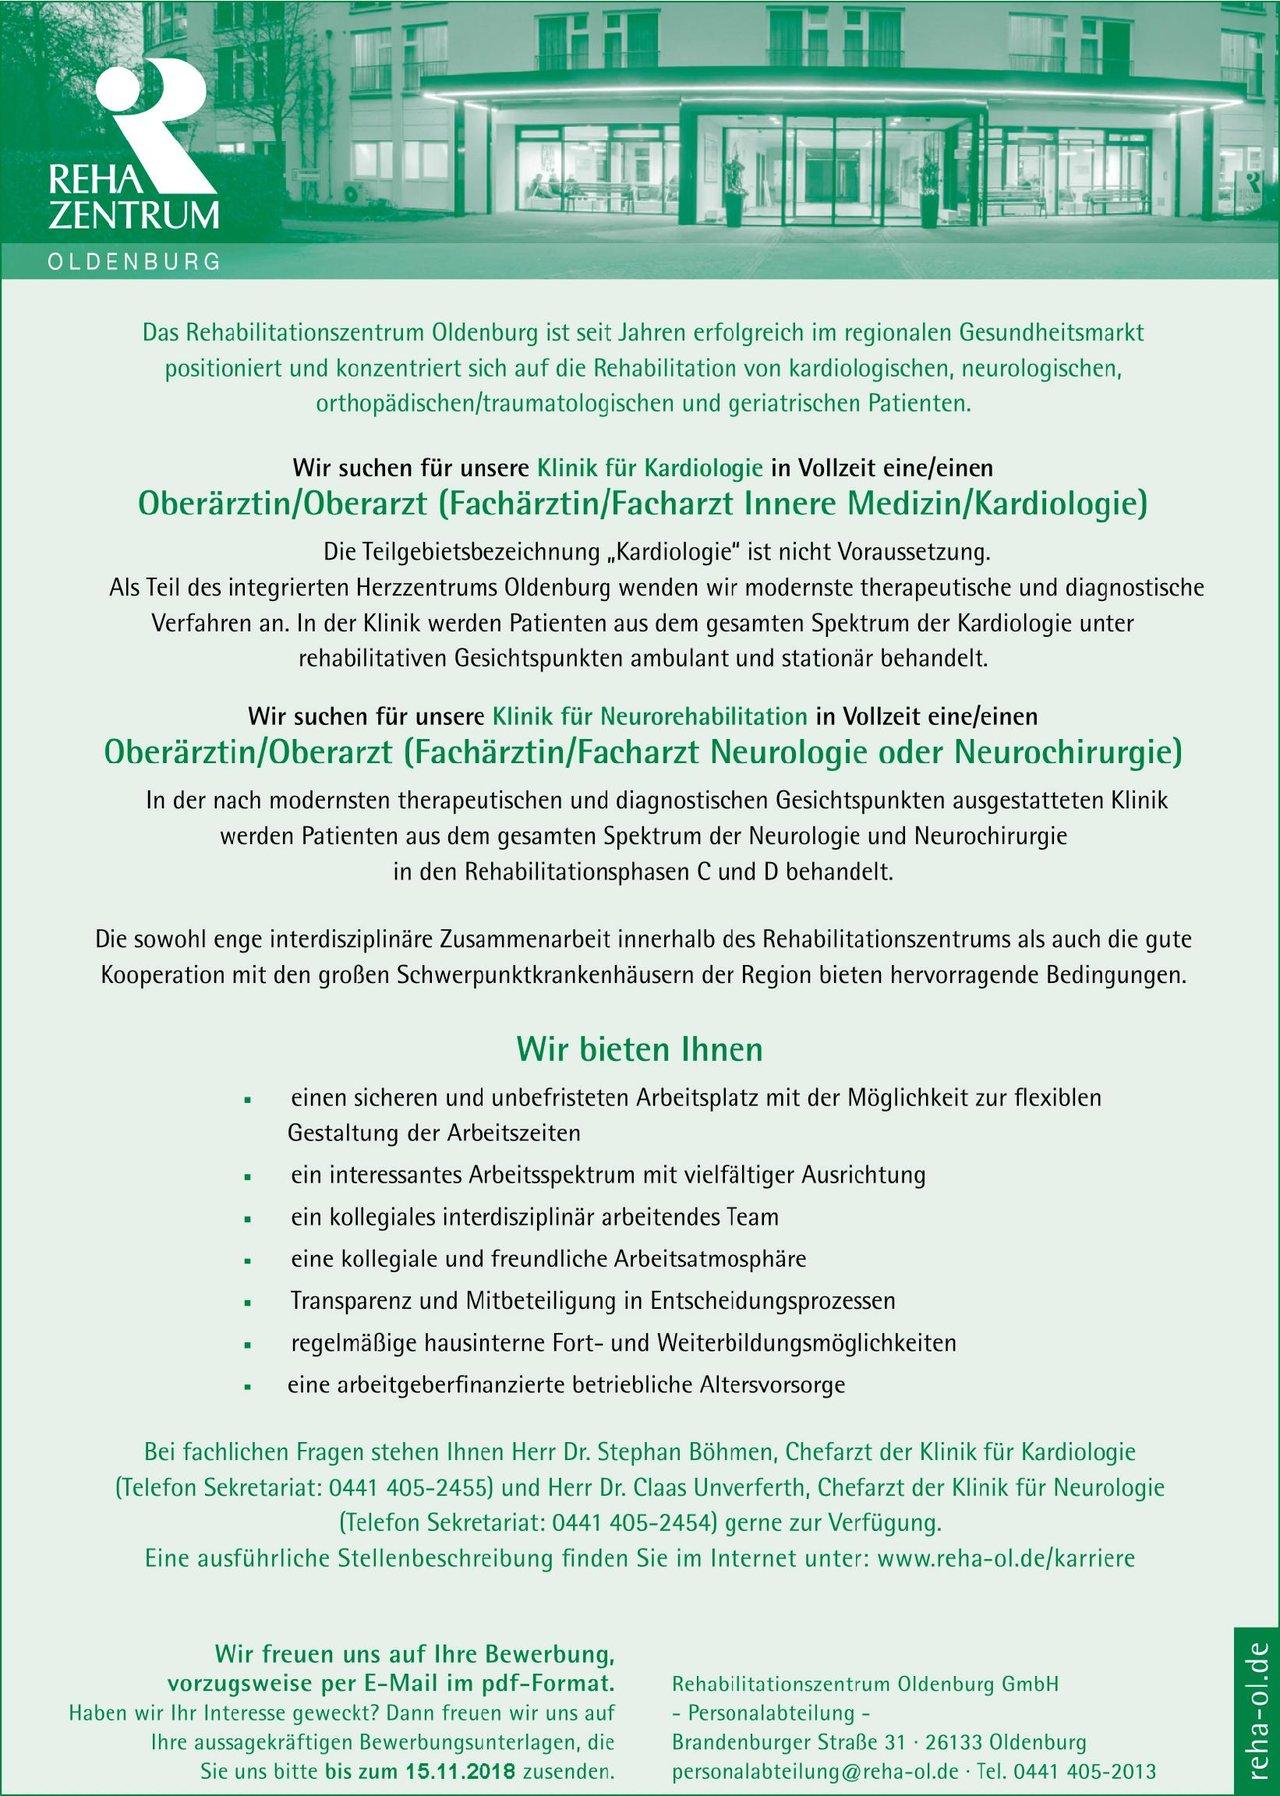 Rehabilitationszentrum Oldenburg GmbH Oberärztin/Oberarzt  (Fachärztin/Facharzt Neurologie oder Neurochirurgie) Neurochirurgie,